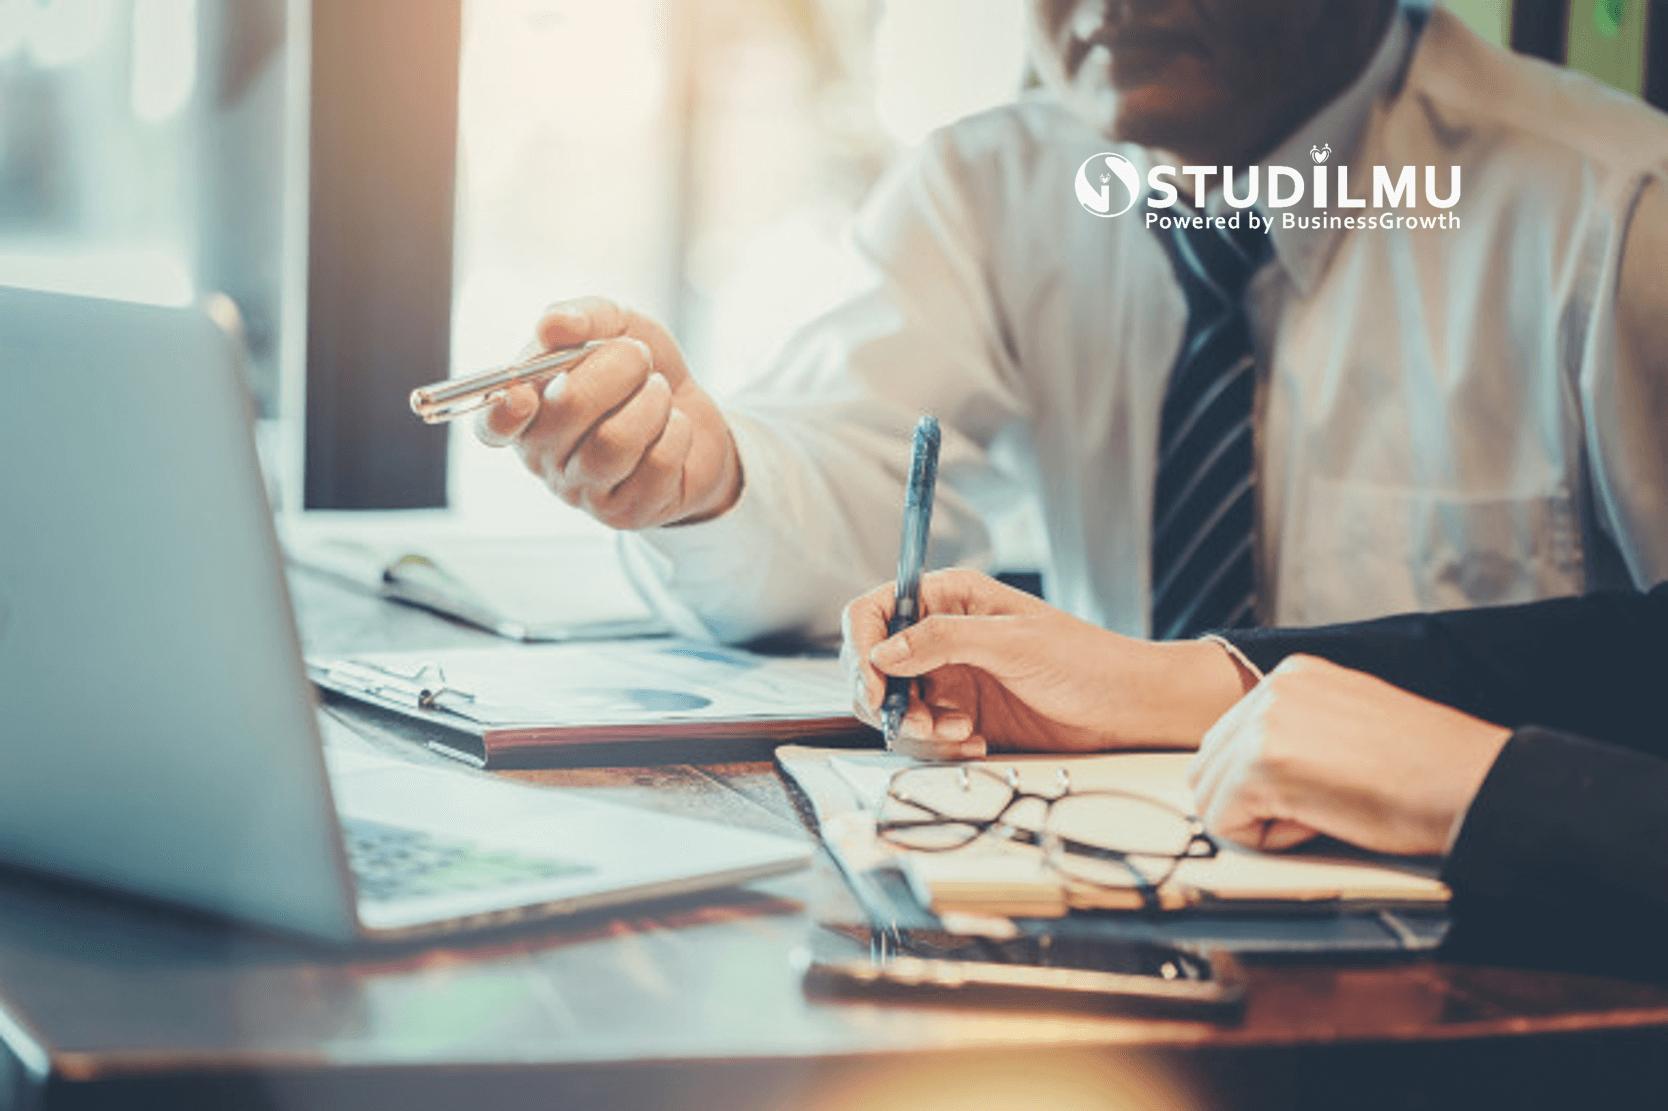 STUDILMU Career Advice - 7 Hal Penting dan 5 Larangan untuk Penilaian Kinerja Karyawan